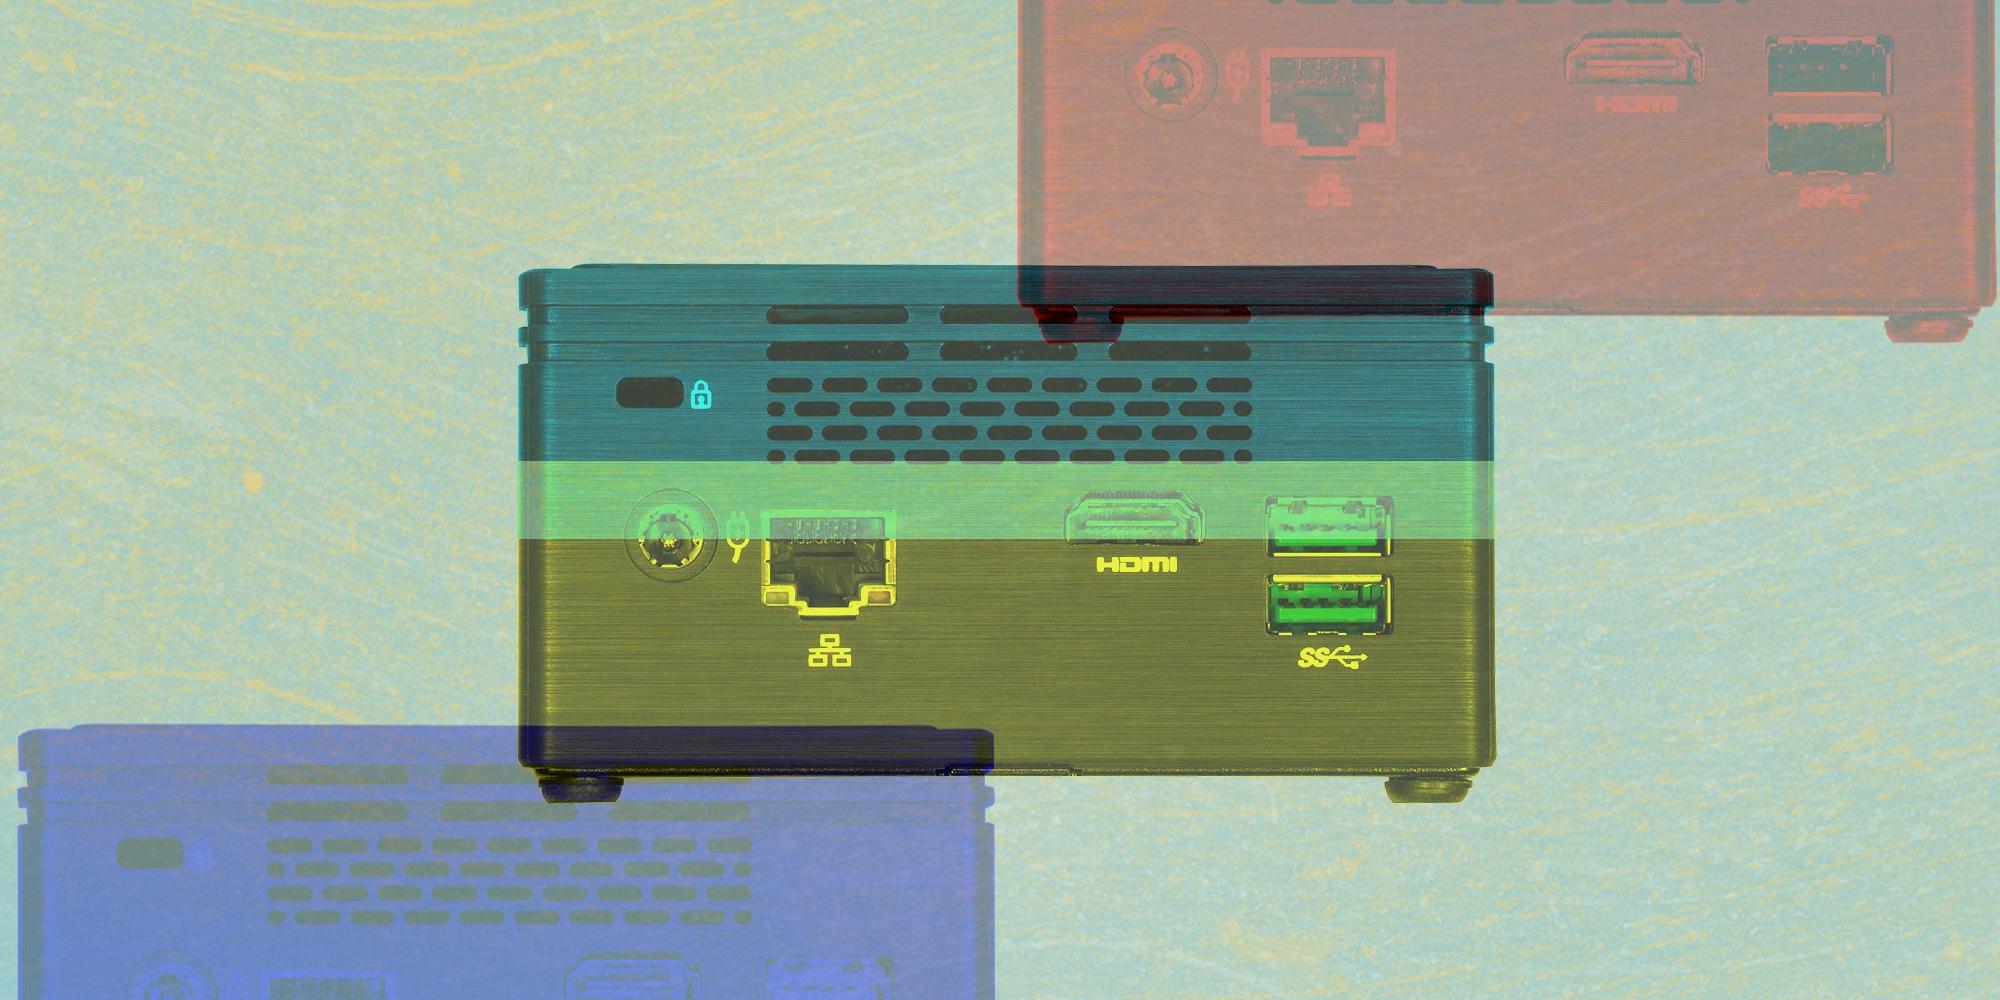 🖥🛠❓Брендовый неттоп vs самосборный мини-ПК: выбираем компьютер для программиста